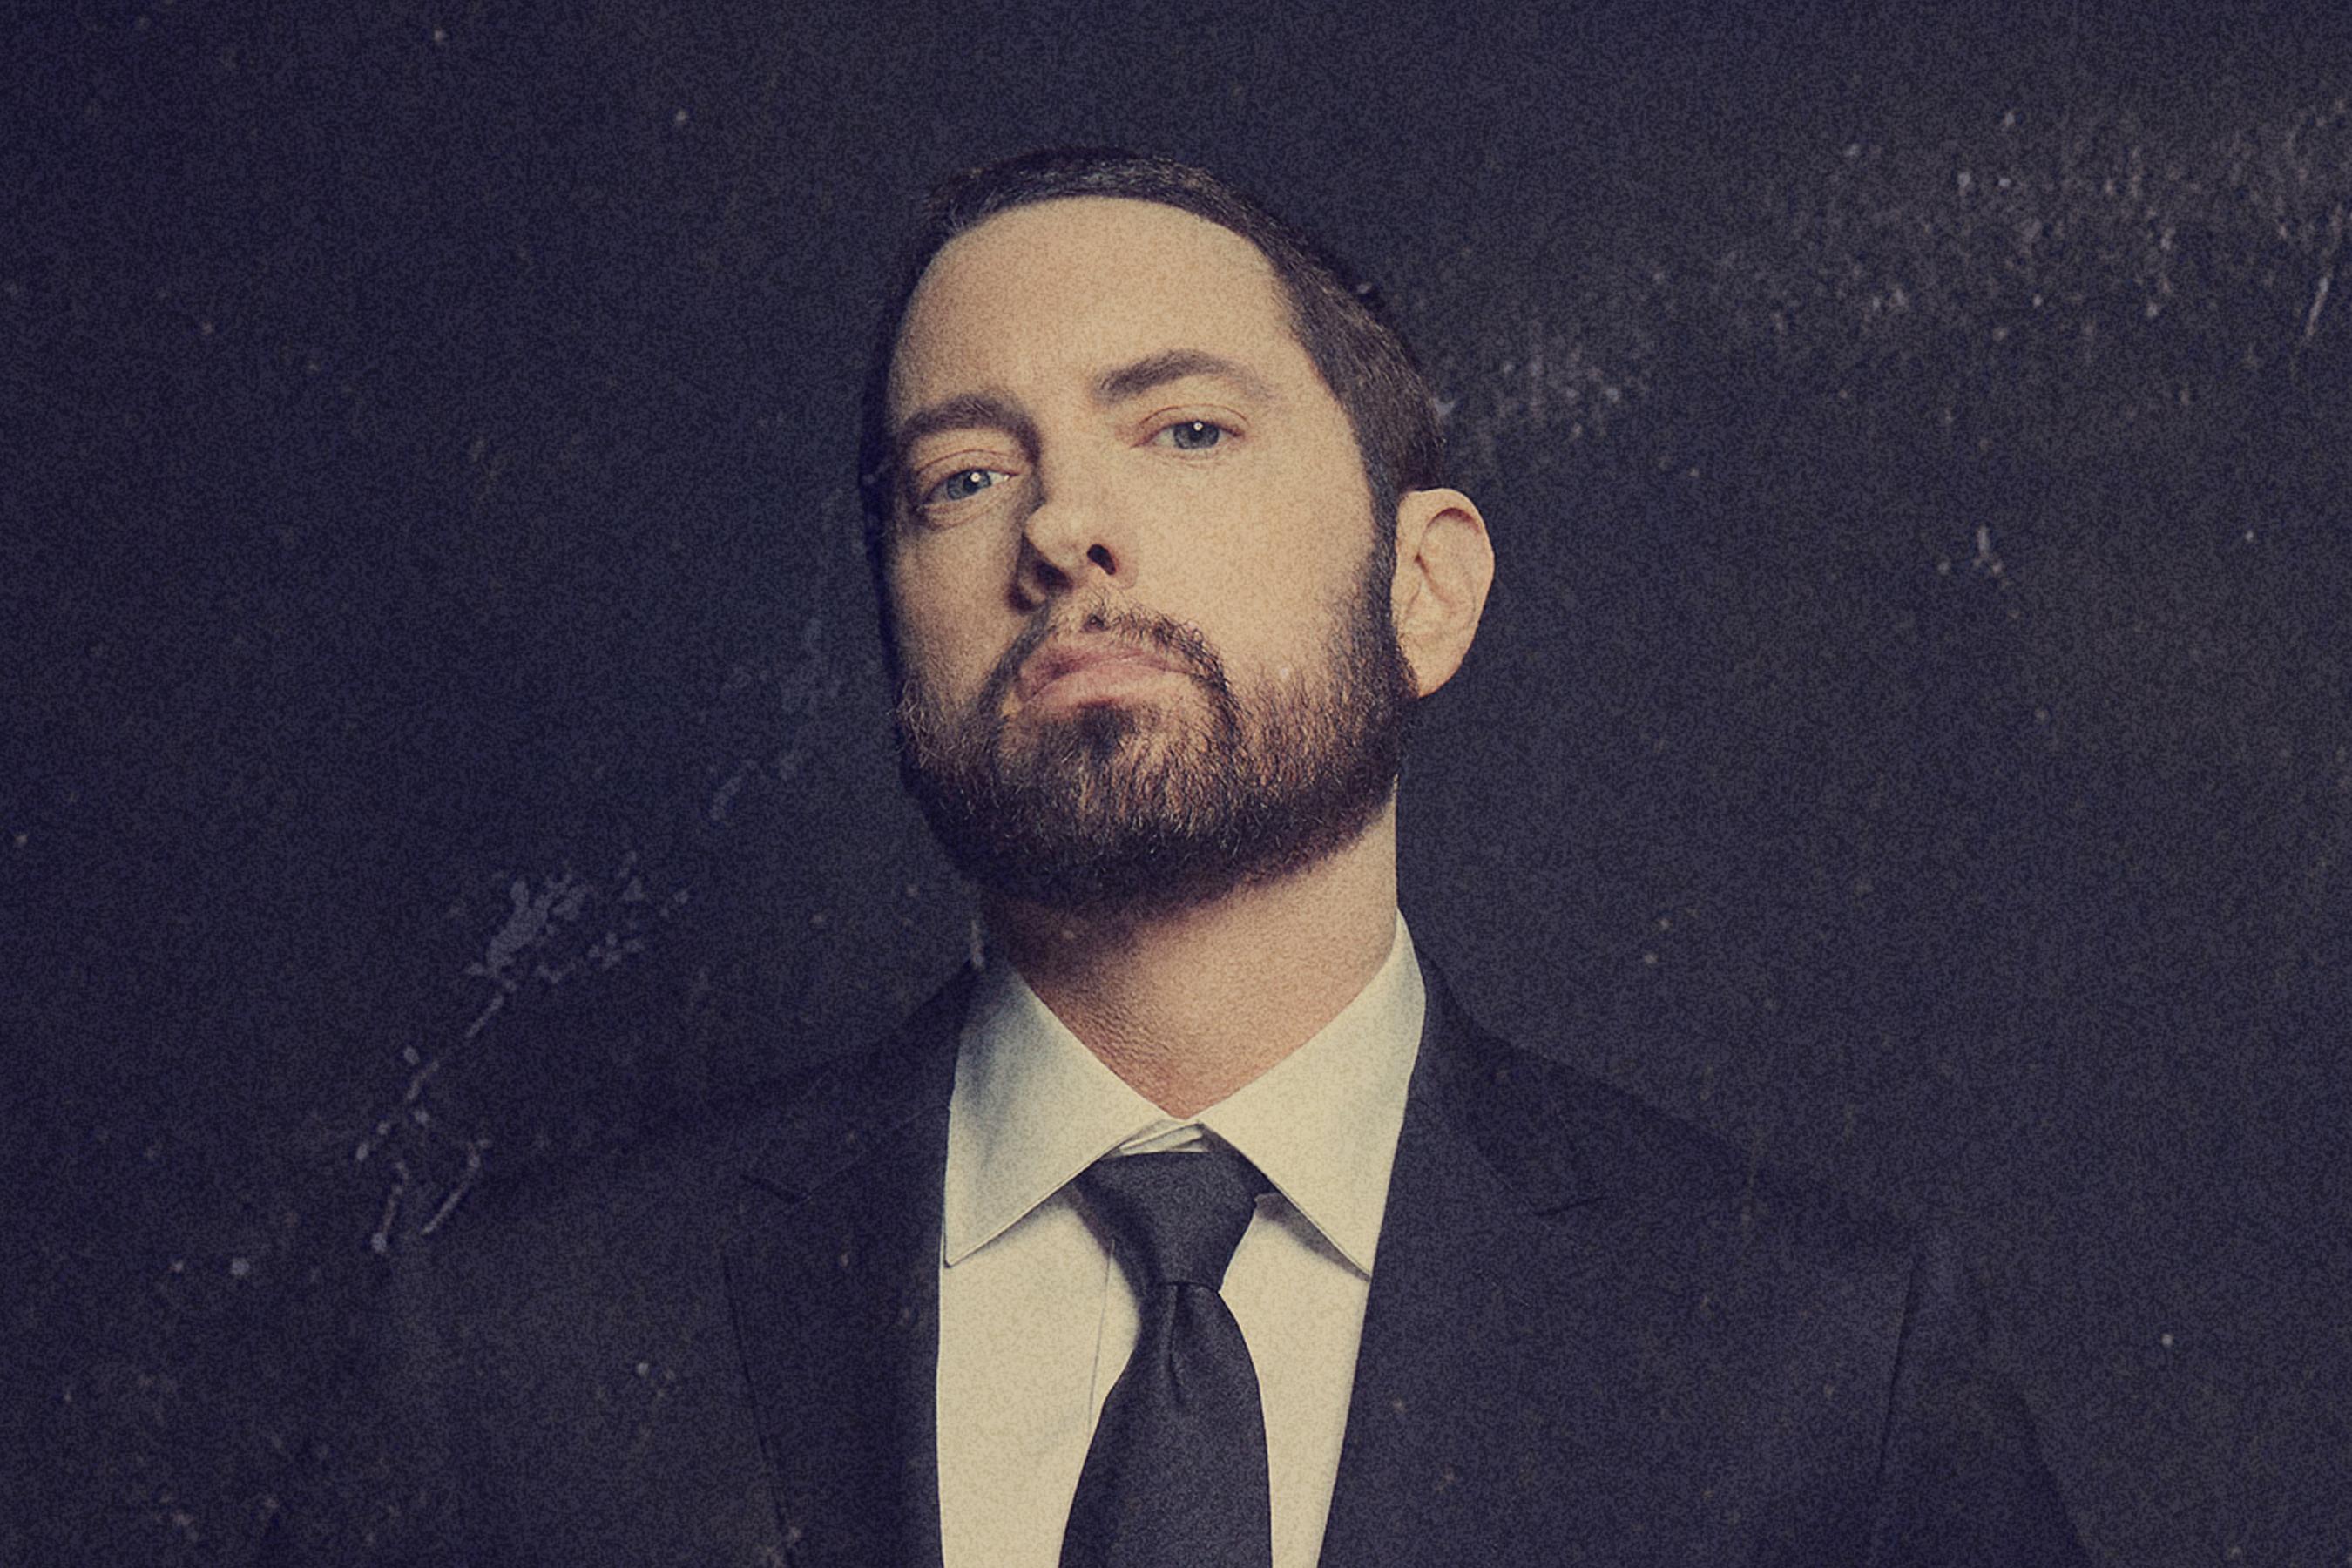 Sind Eminem und seine Musik ein Relikt der Vergangenheit oder auch heute noch populär?